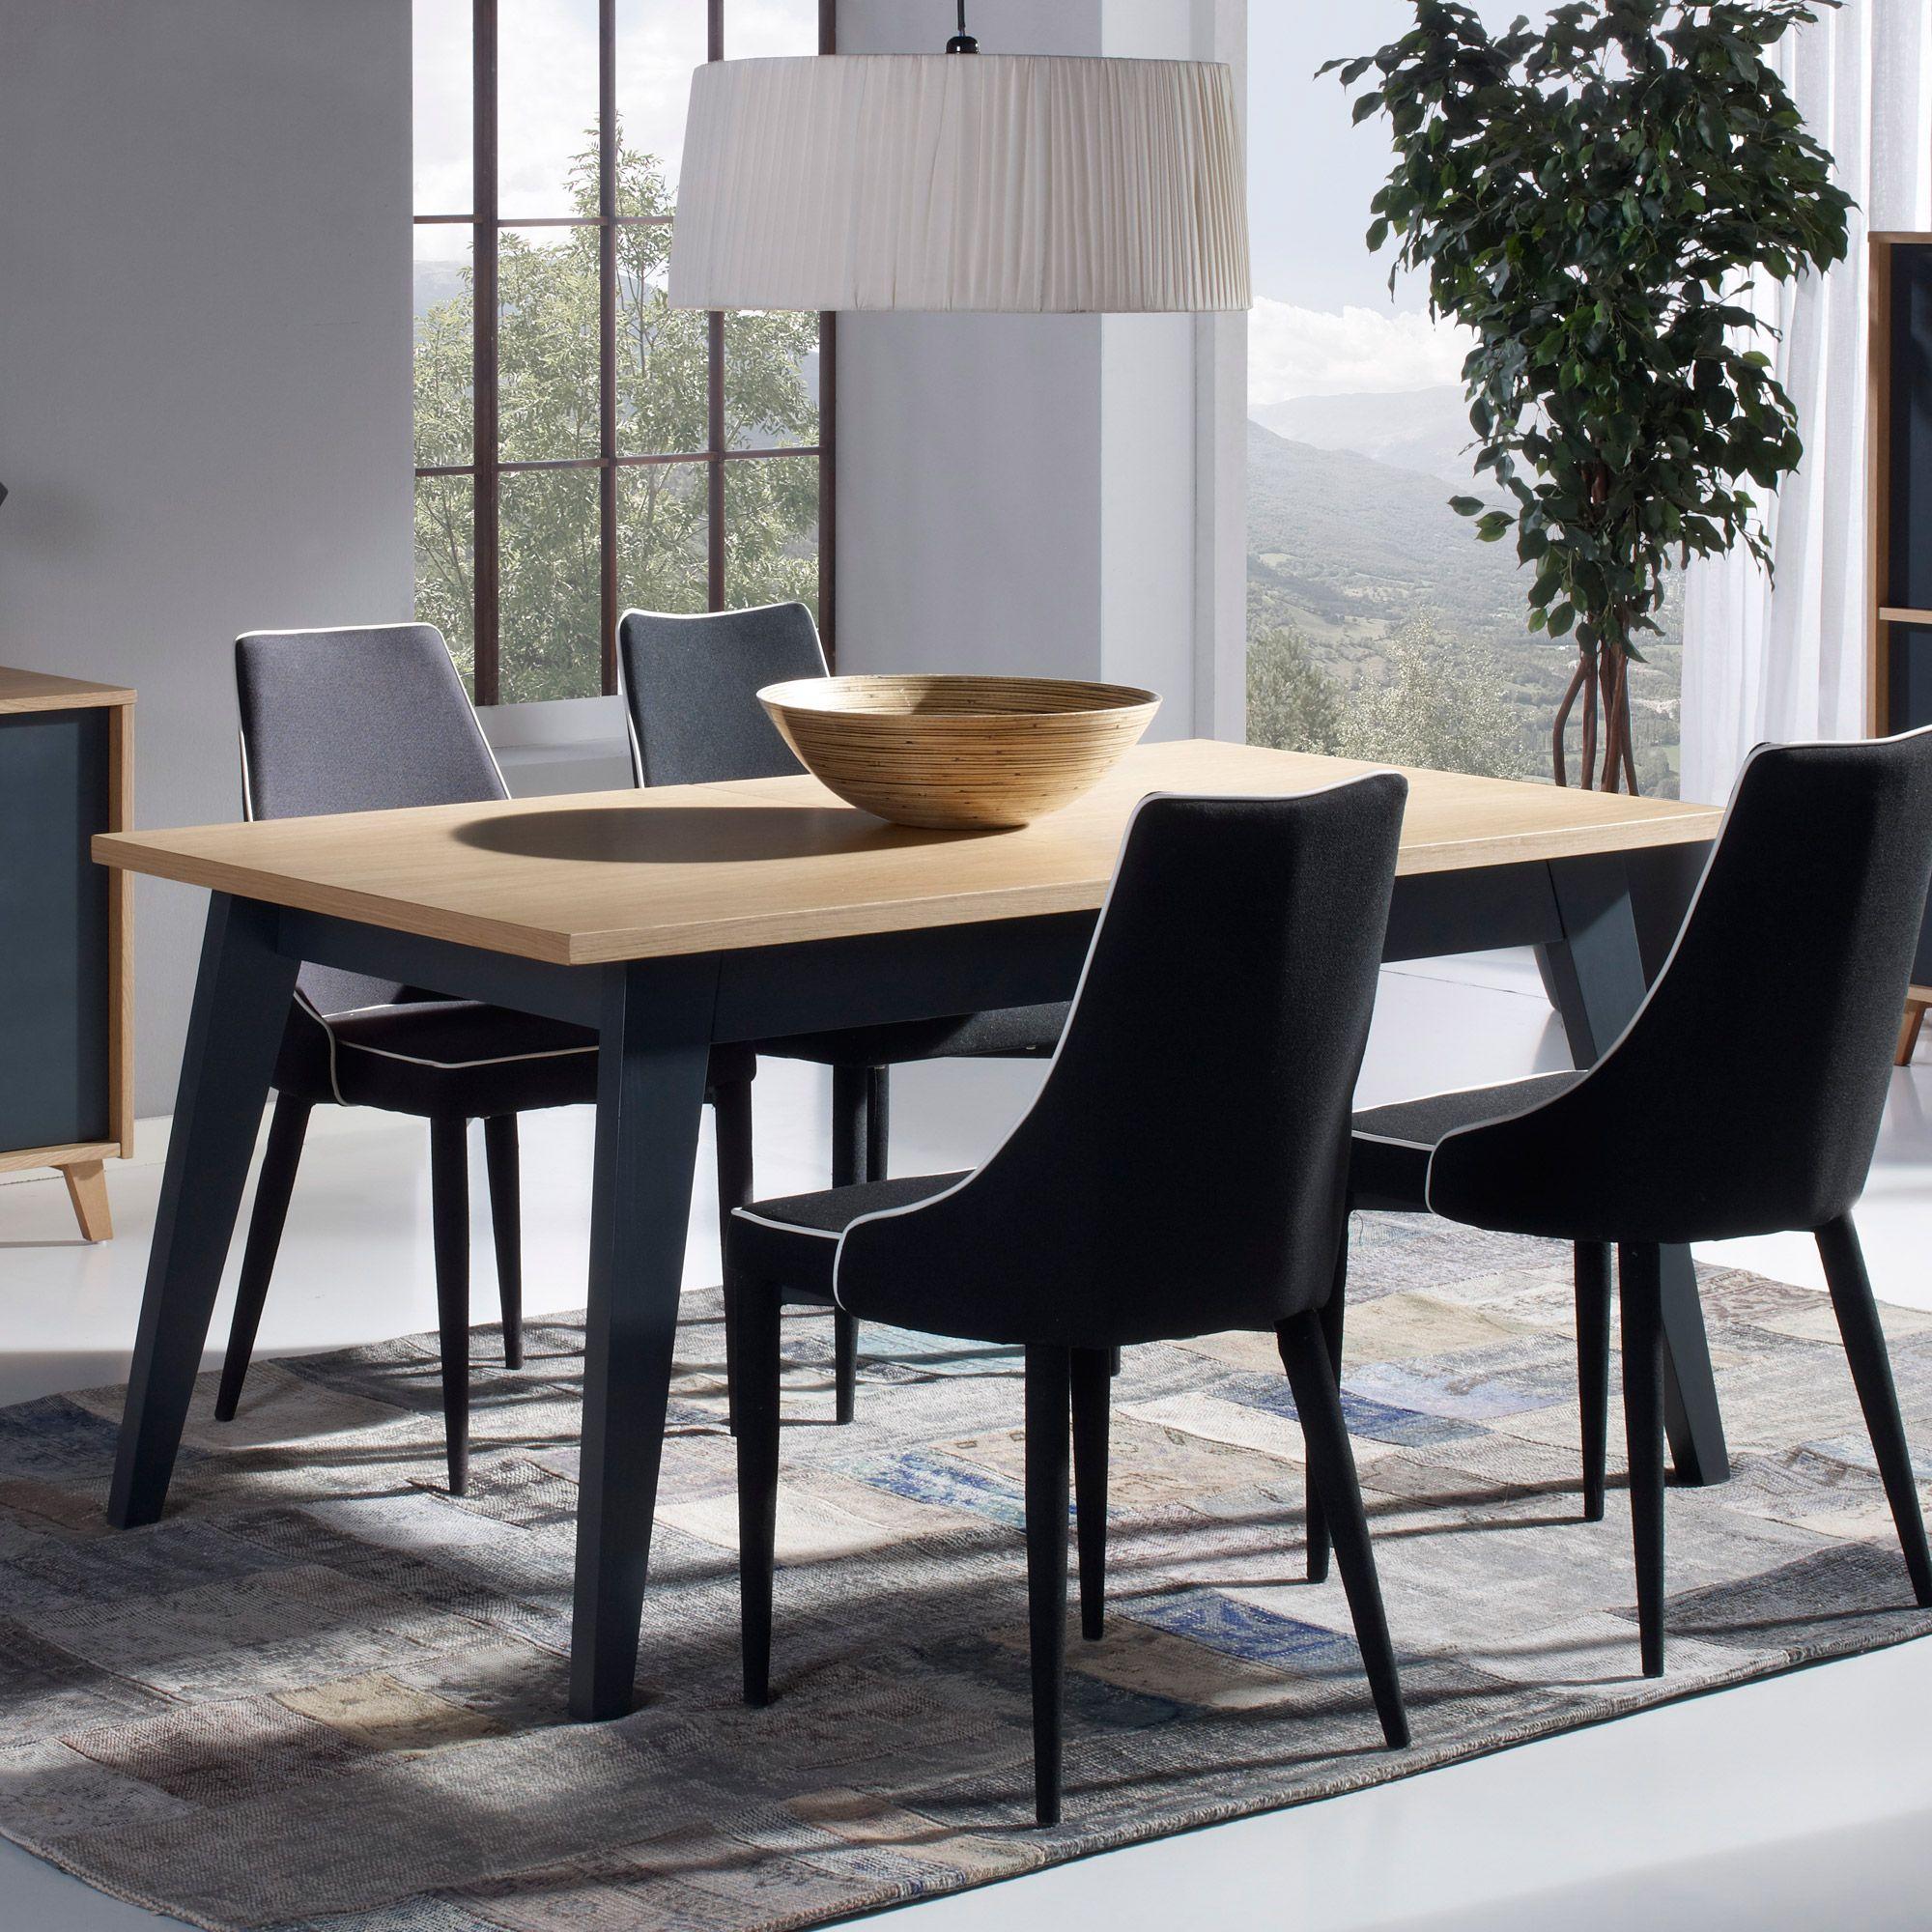 Table A Manger Rectangulaire En Bois A Rallonge Longueur 160 205 Cm Bleuet Table A Manger Rectangulaire Table A Manger Table Bois